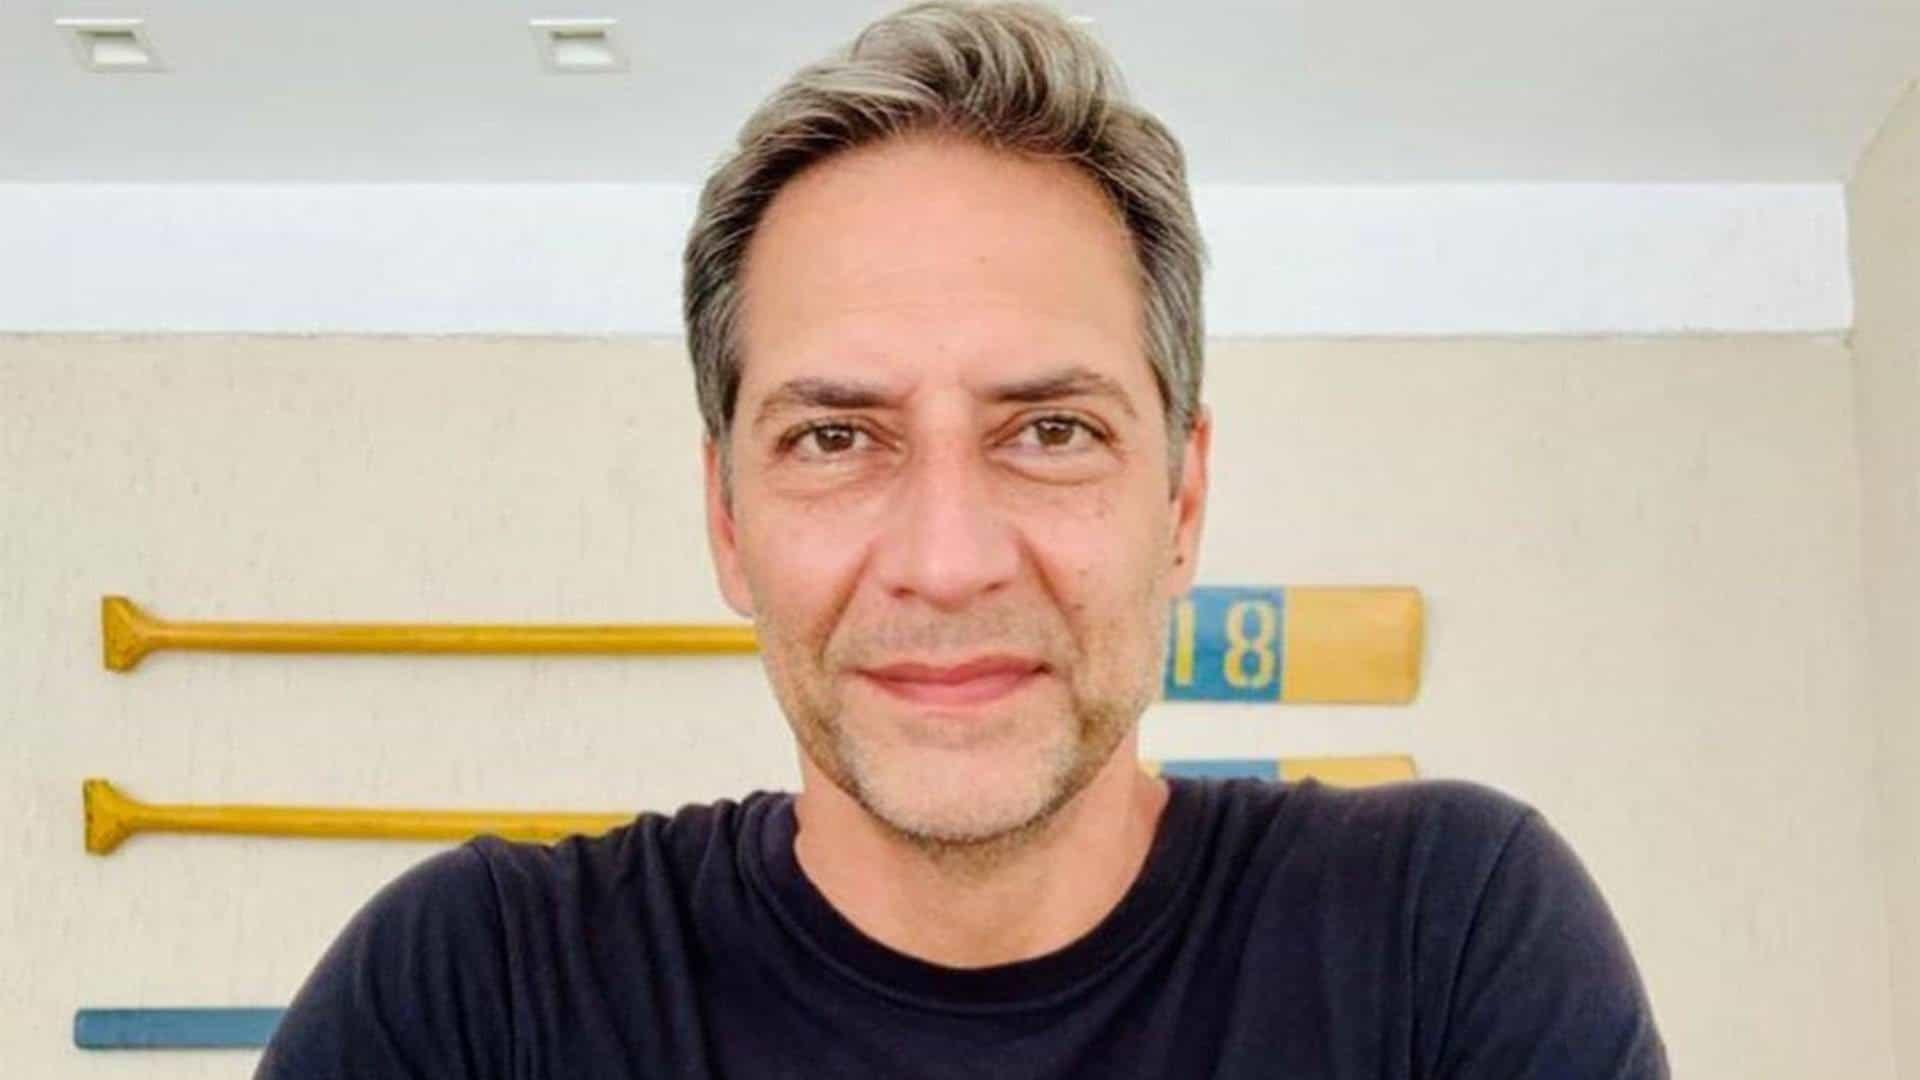 Lacombe diz que tem afinidade com Bolsonaro, mas não é militante